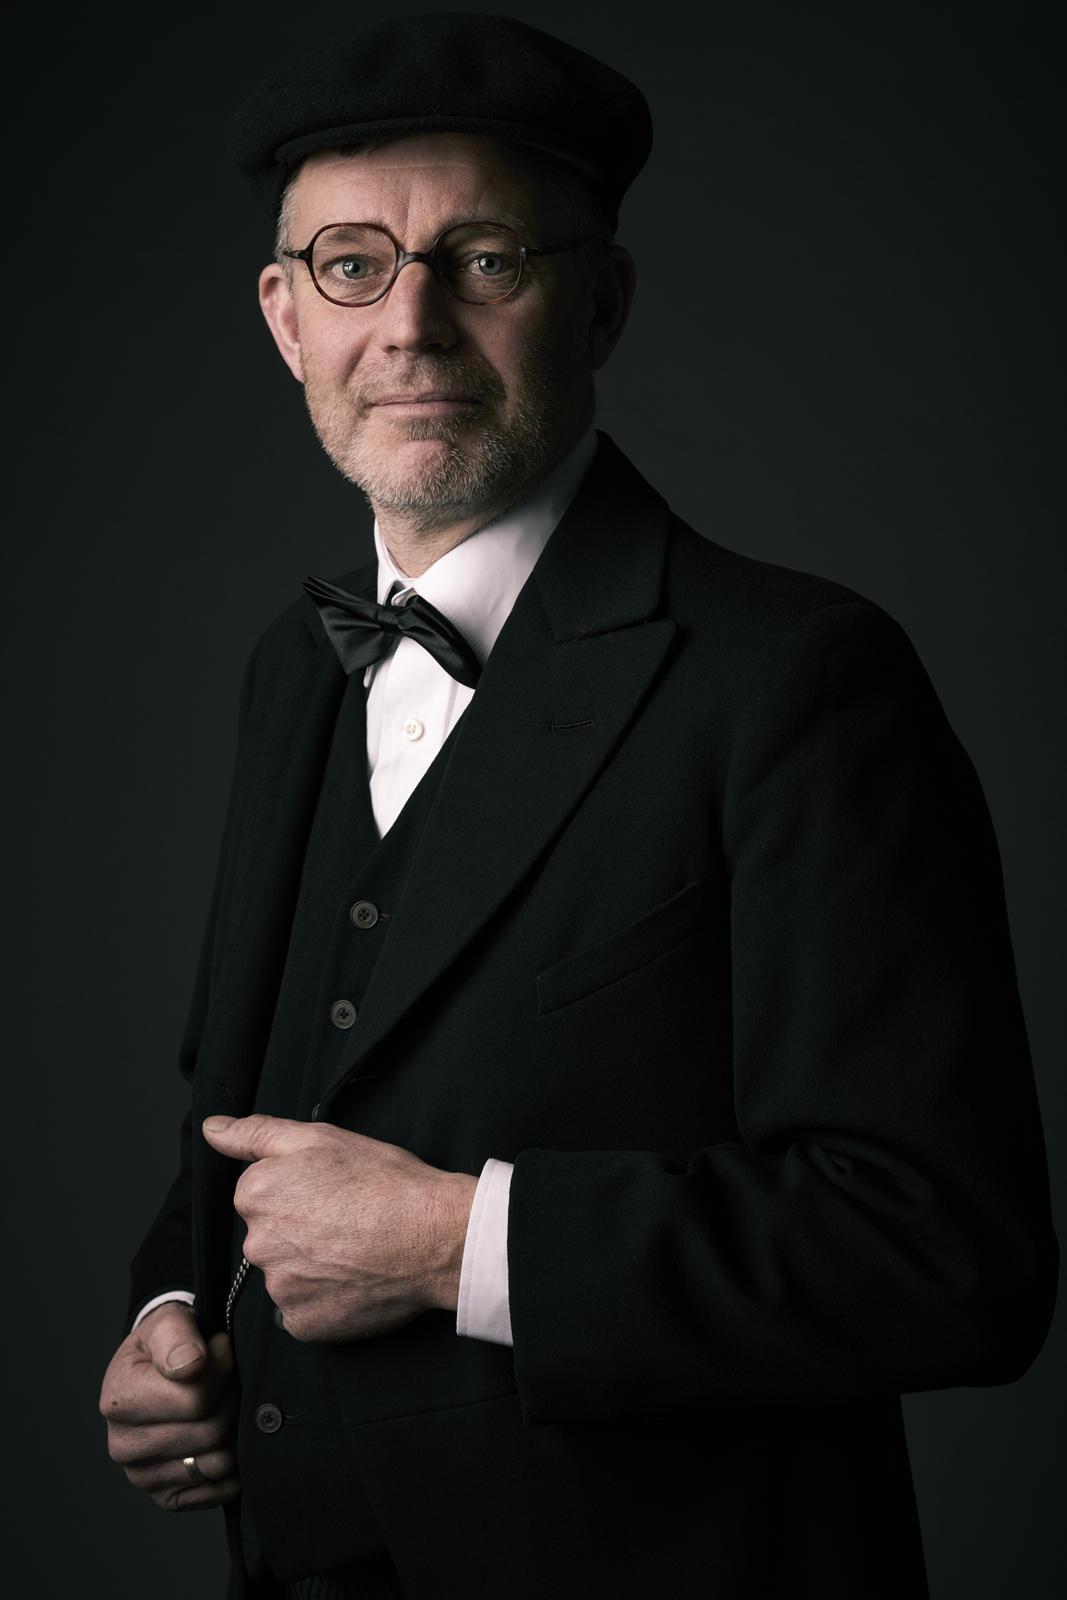 Foto van een man in een net pak die handen aan vest vasthoudt